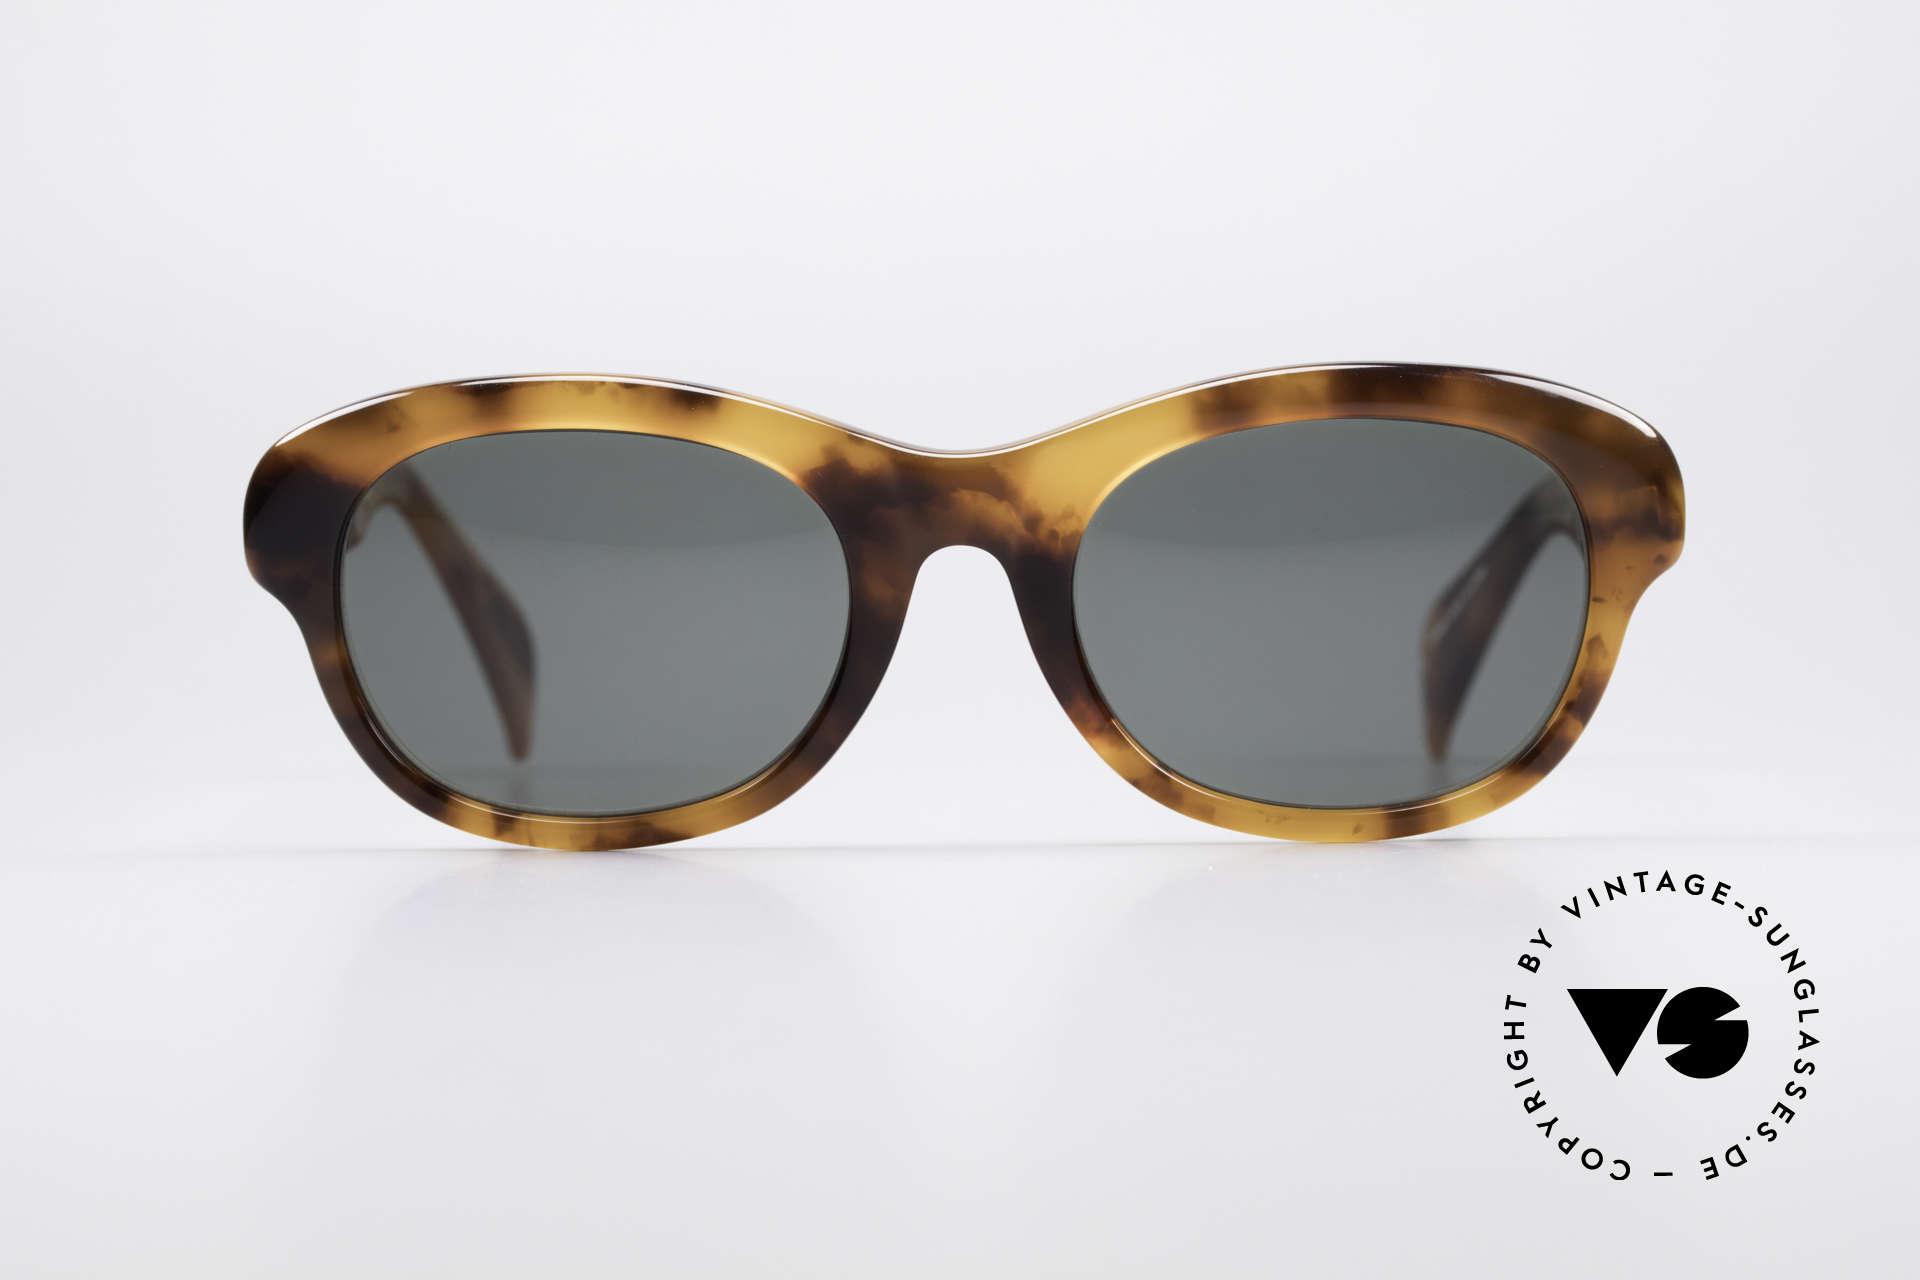 Jean Paul Gaultier 56-2071 No Retro Echt Vintage Brille, tolle Materialkombinationen in wahrer Top-Qualität, Passend für Damen